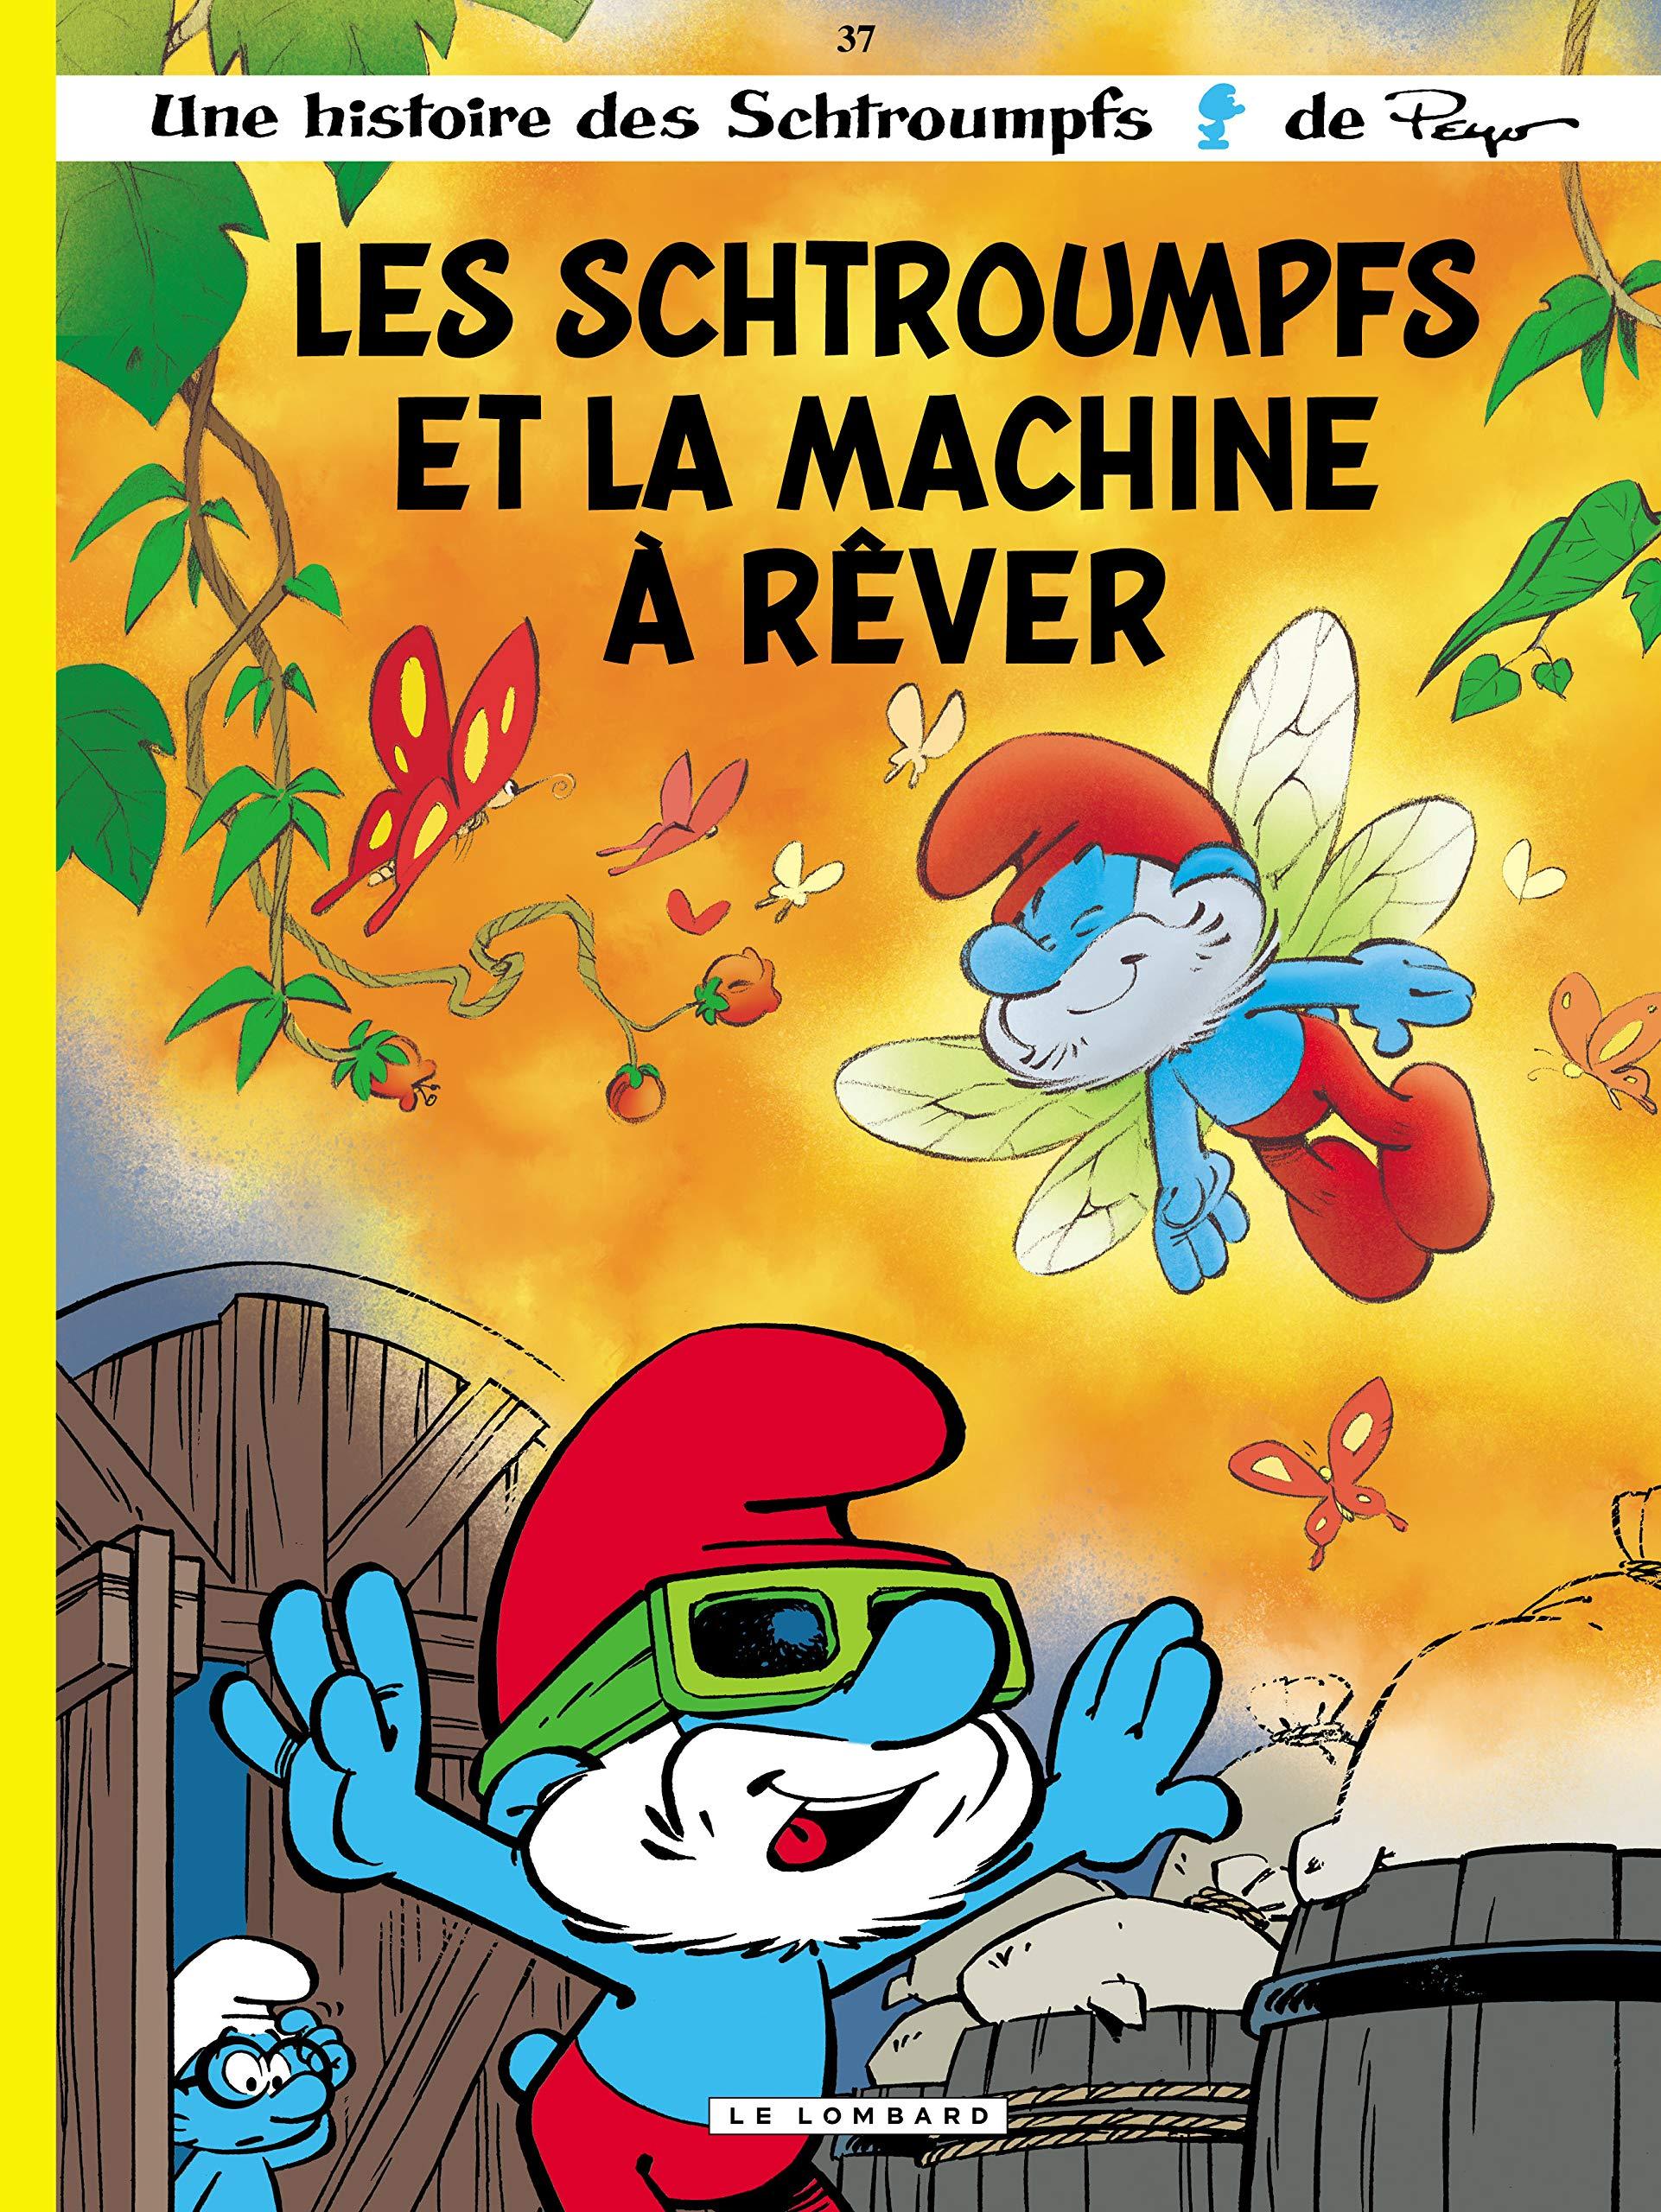 Les Schtroumpfs 37 - Les Schtroumpfs et la machine à rêver